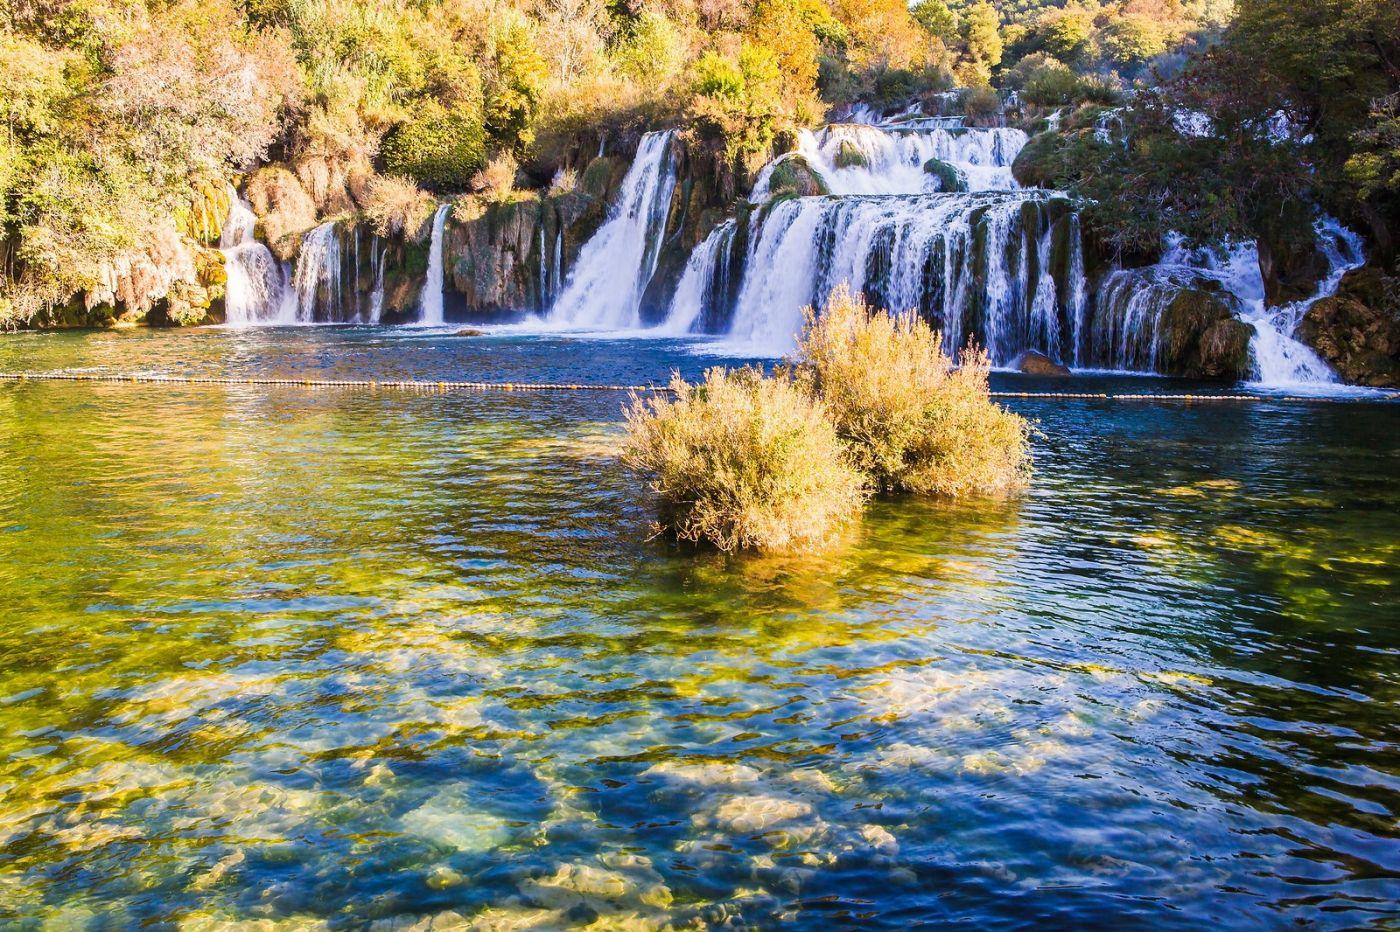 克罗地亚克尔卡国家公园(Krka National Park),瀑布瀑布瀑布_图1-17